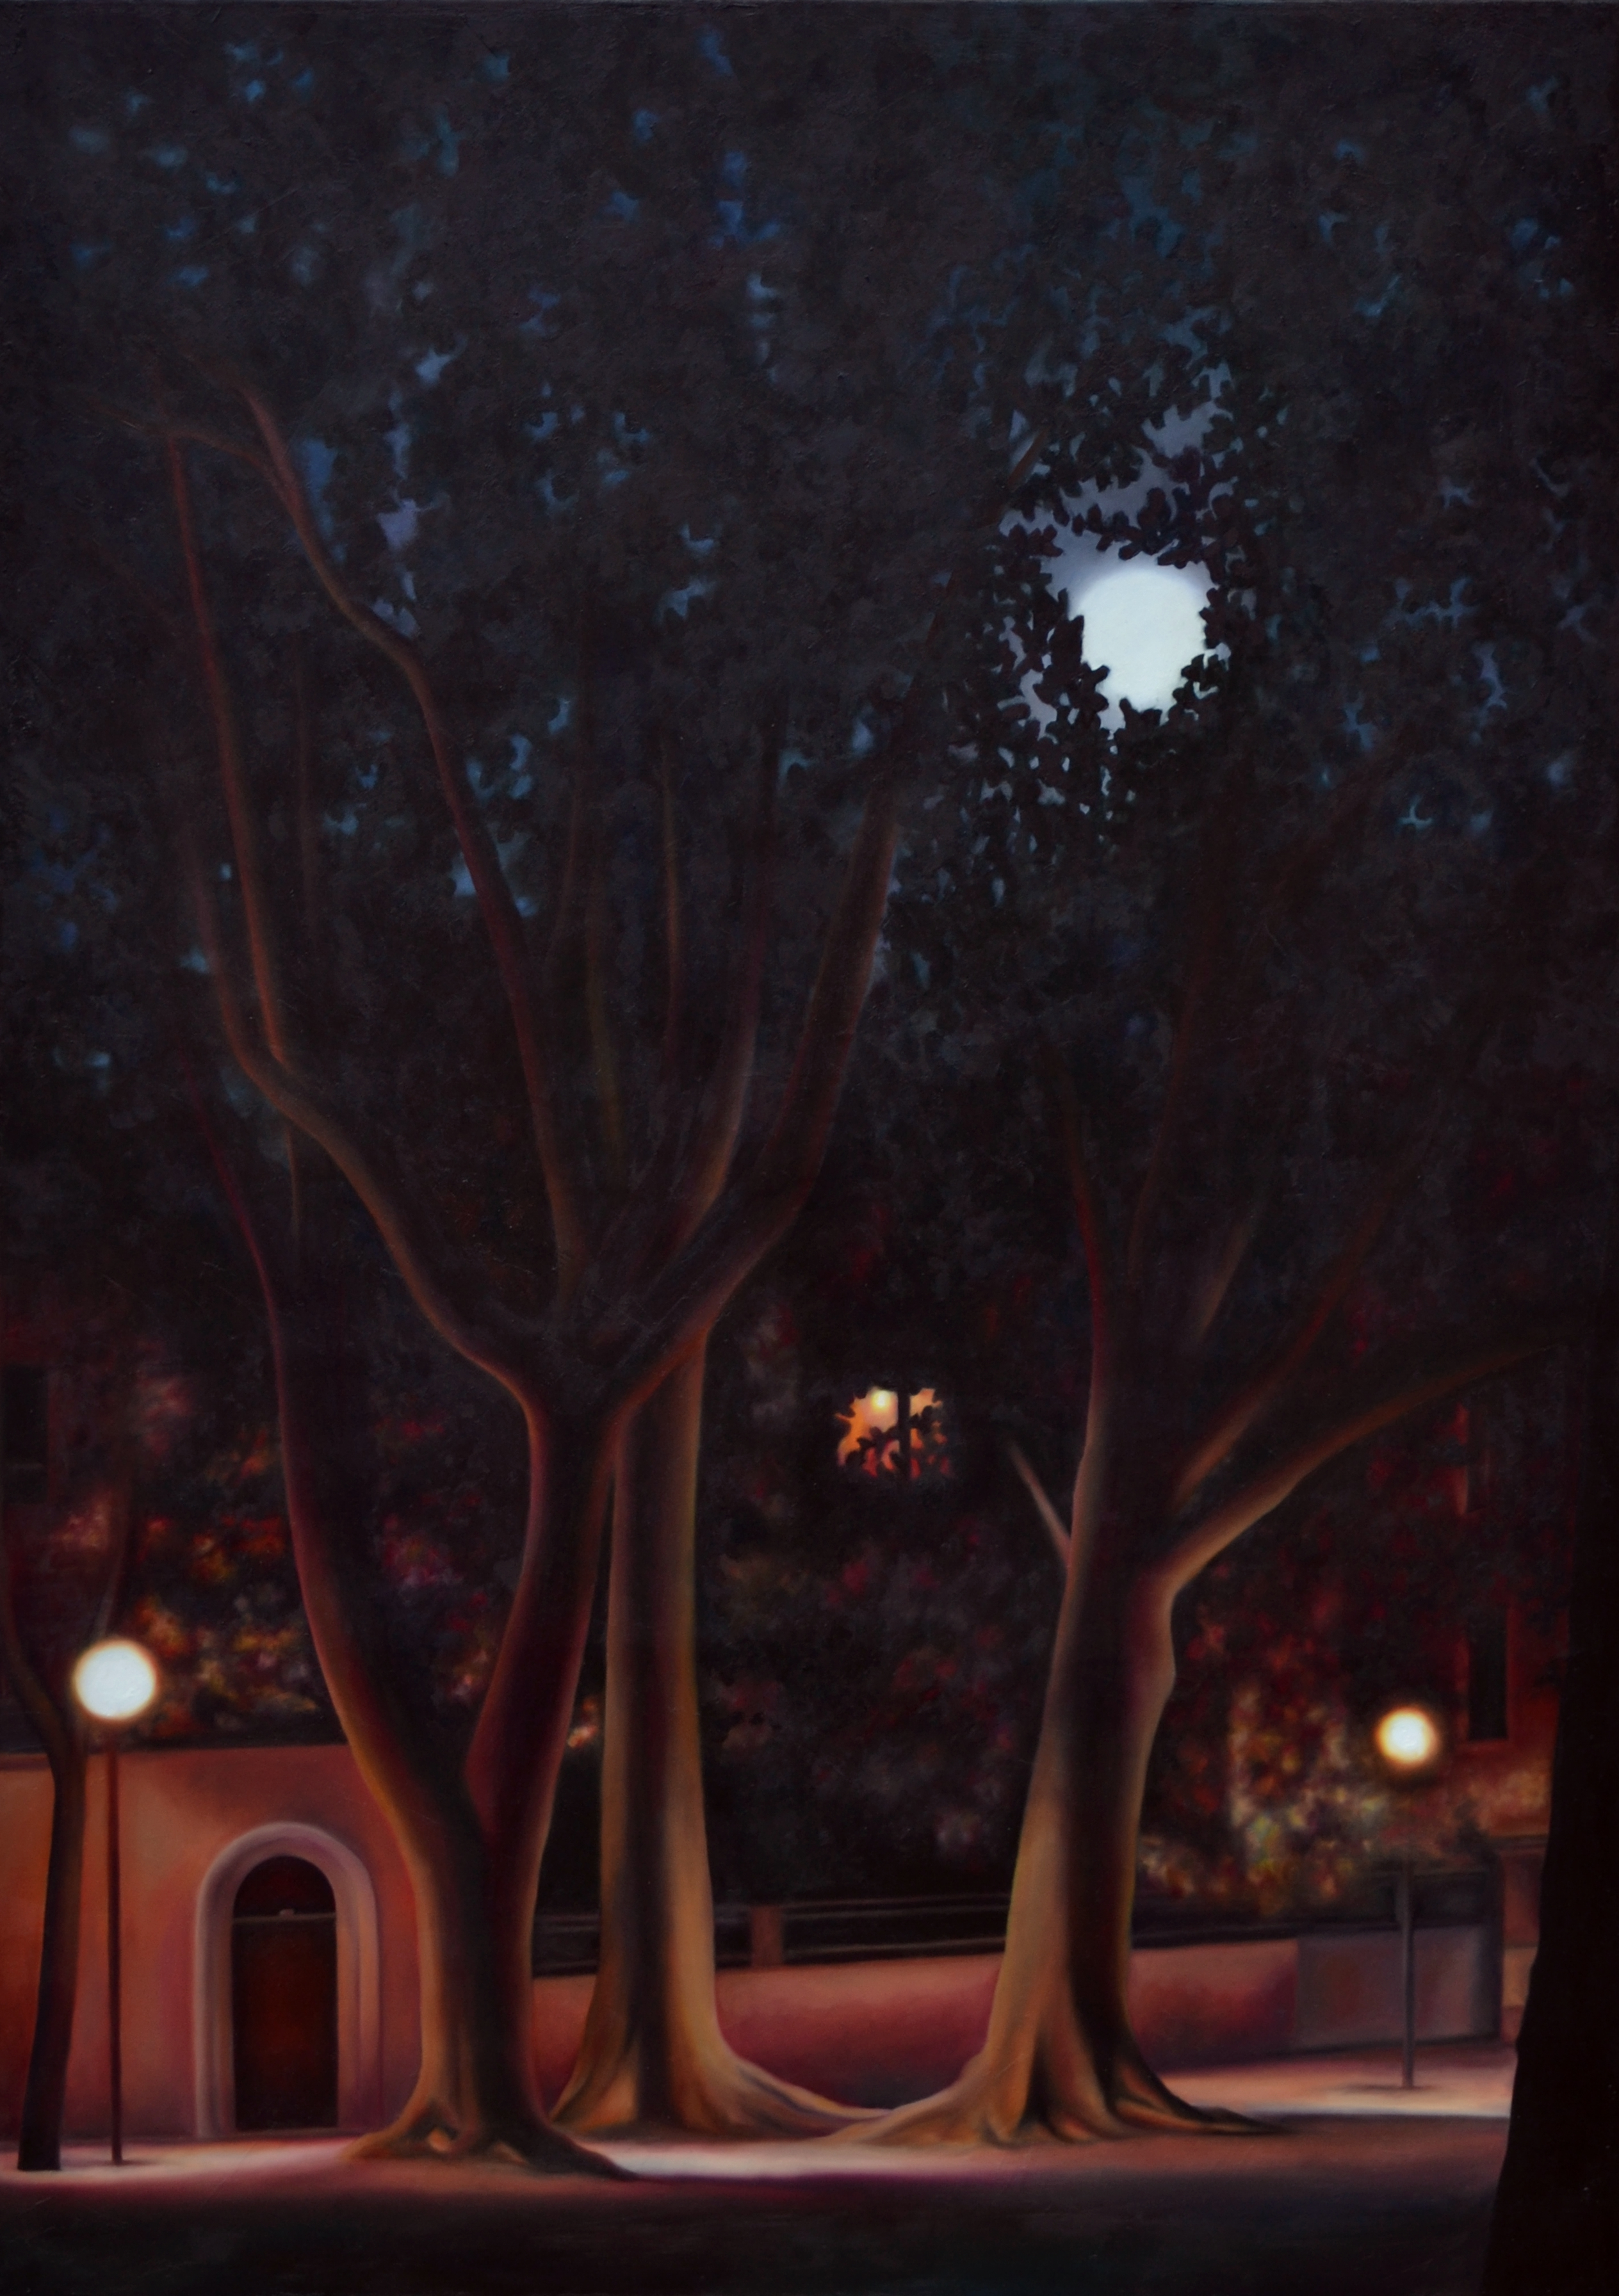 jrdin-ville-grenoble-lune